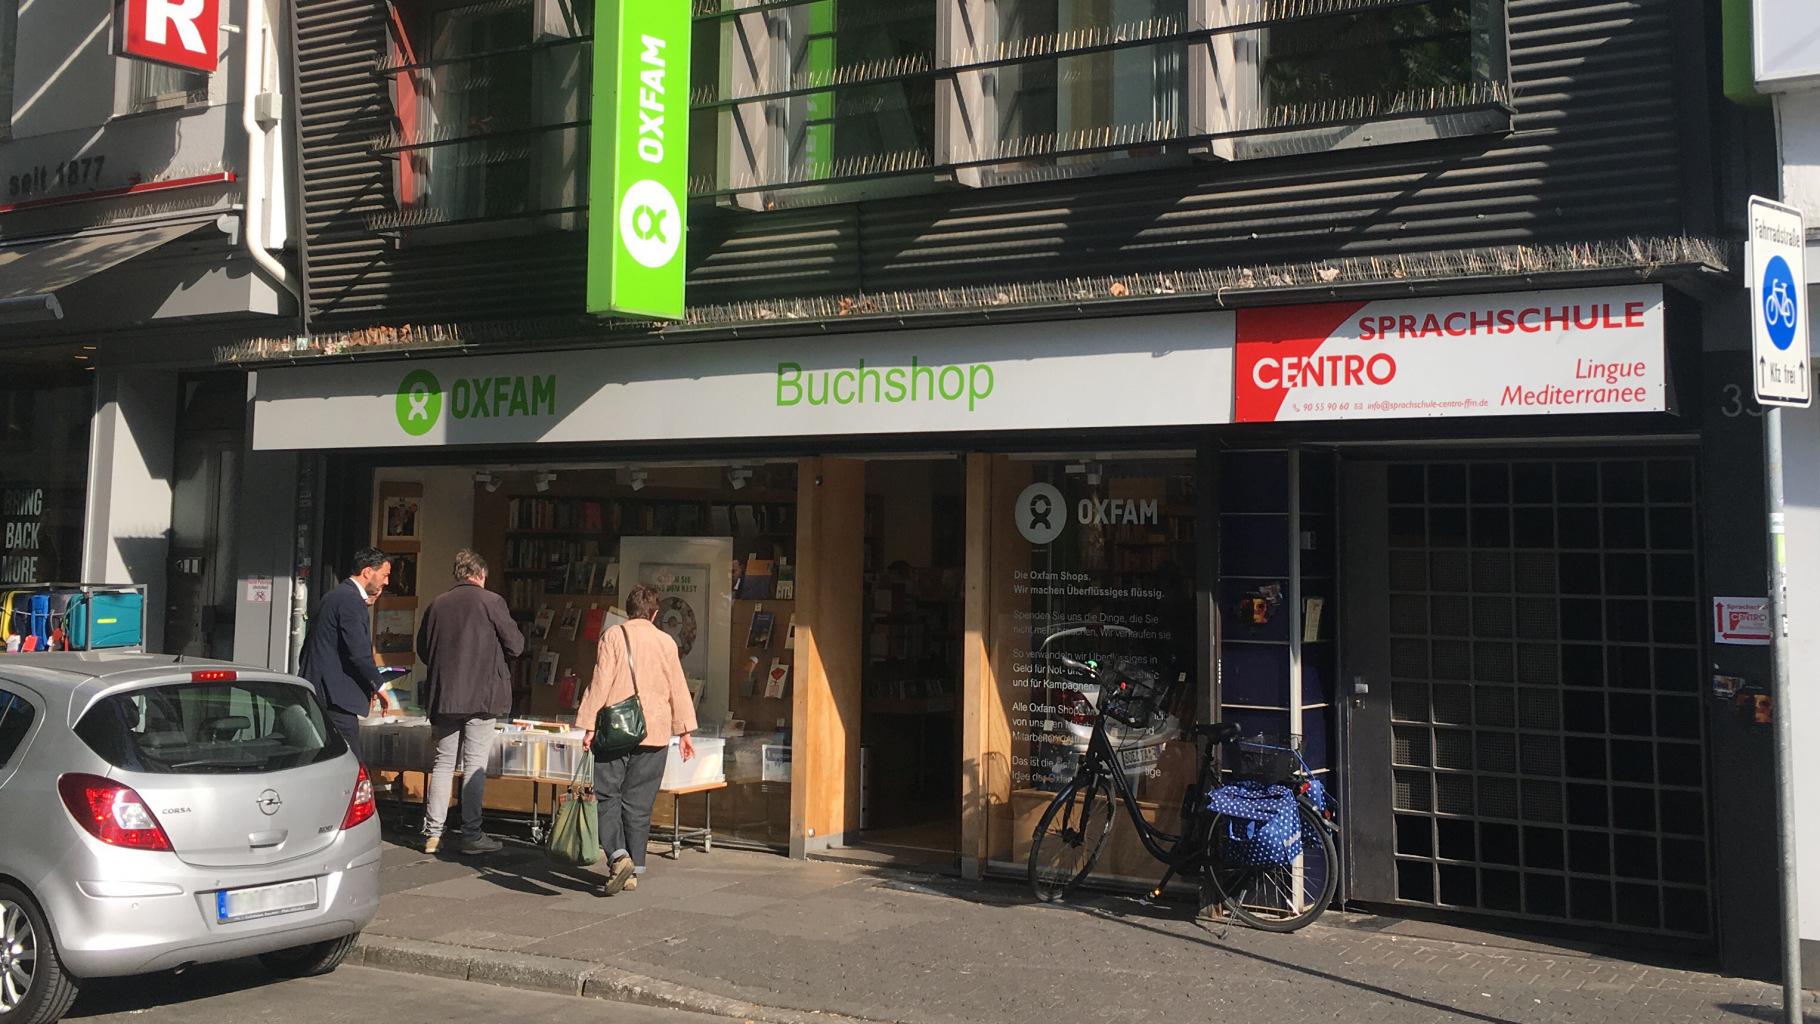 Oxfam Buchshop Frankfurt - Außenansicht